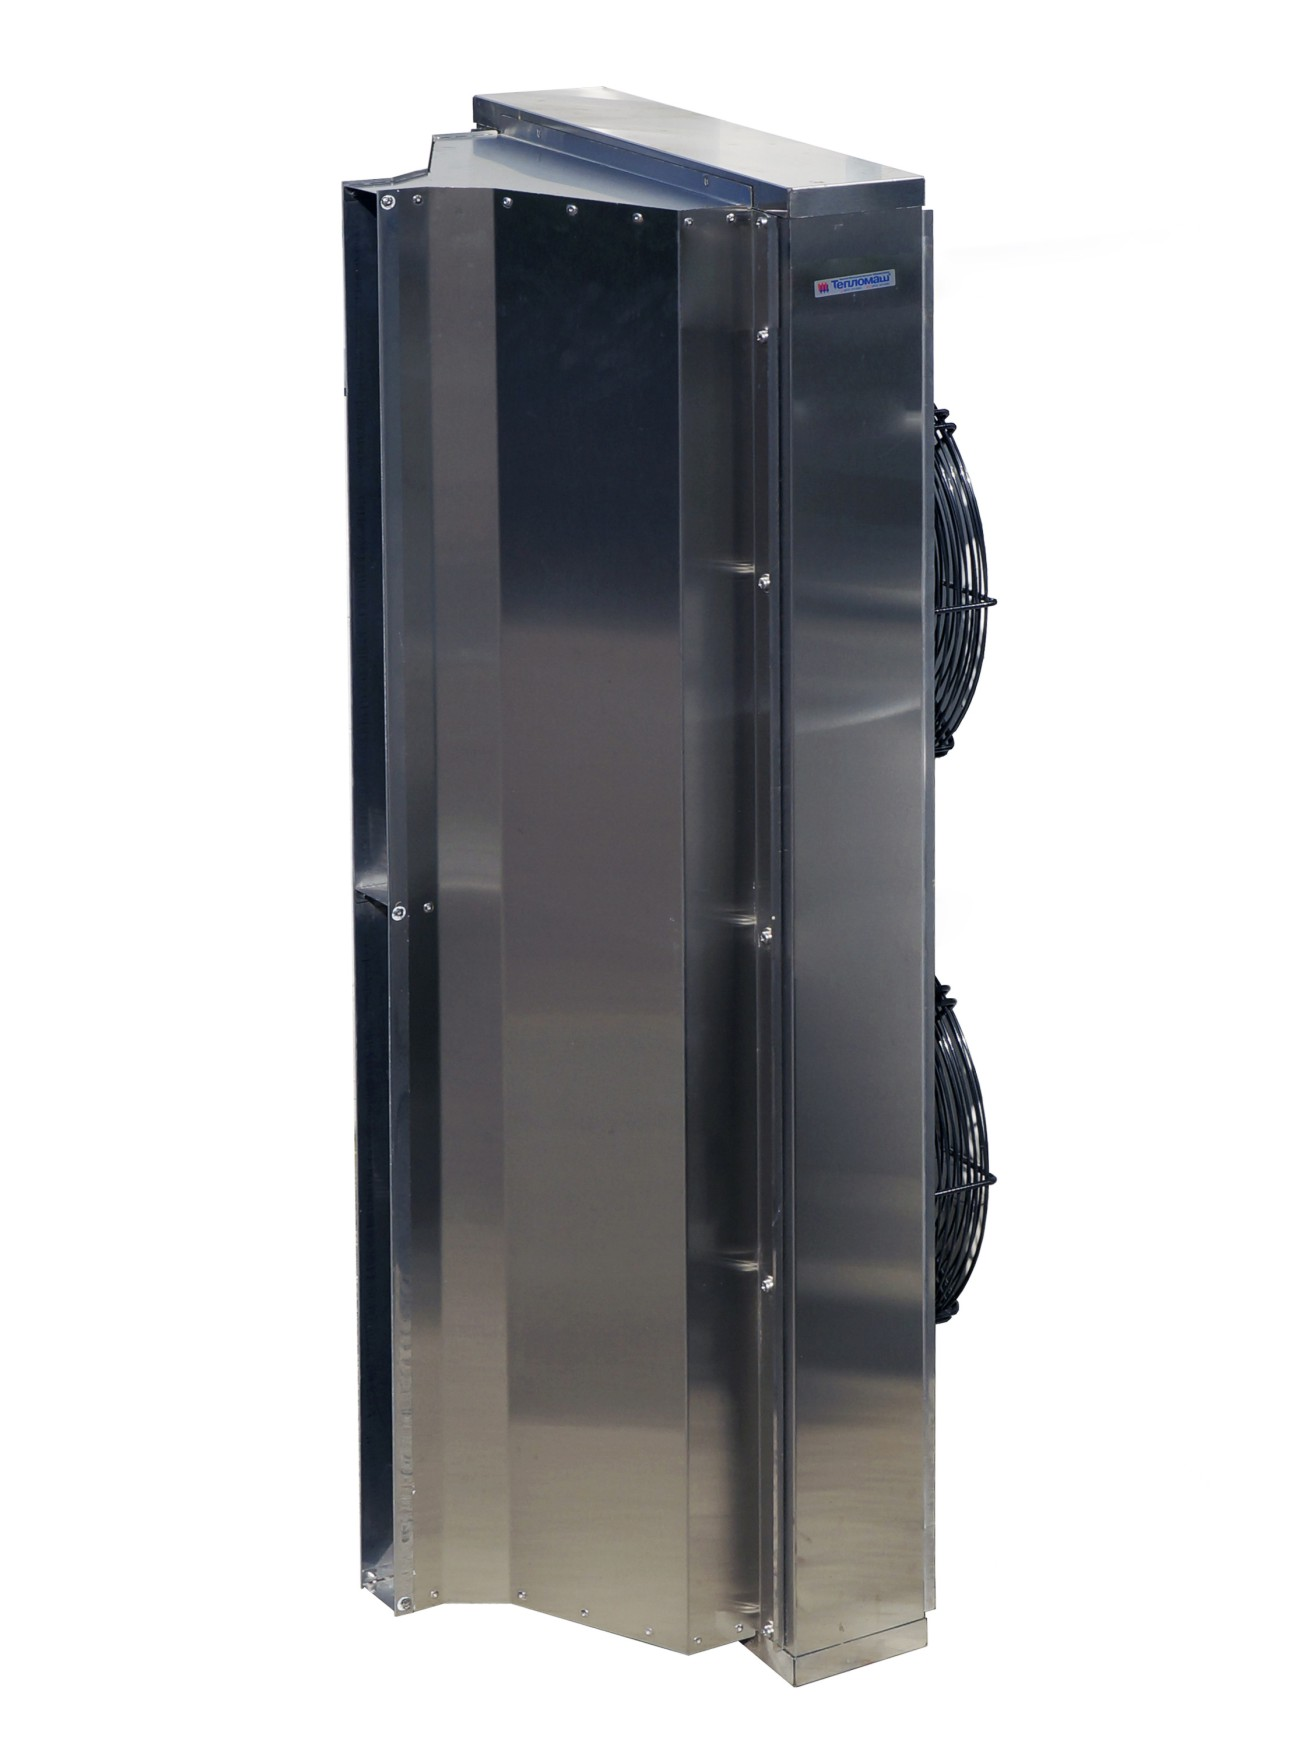 Тепловое оборудование Тепломаш   Тепломаш КЭВ-100П4060W 400 IP54 тепловая завеса водяная (оцинковка)